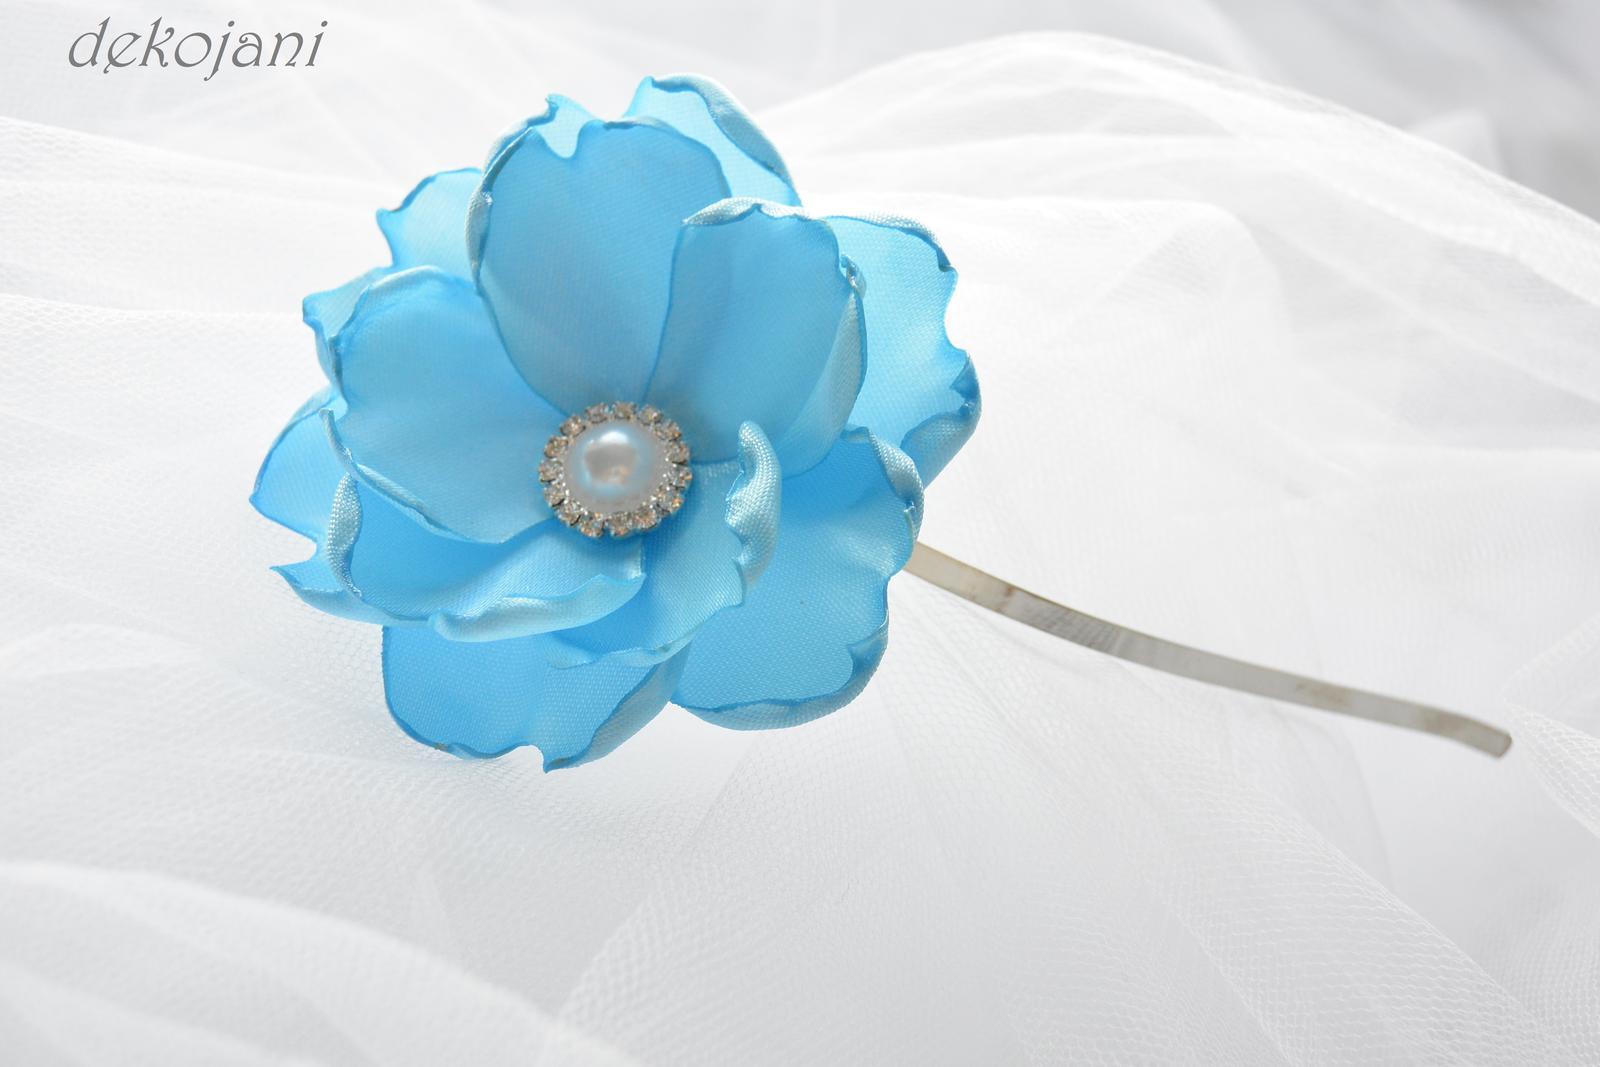 Čelenky, květiny do vlasů, náramky, obojek pro pejska... - Obrázek č. 94